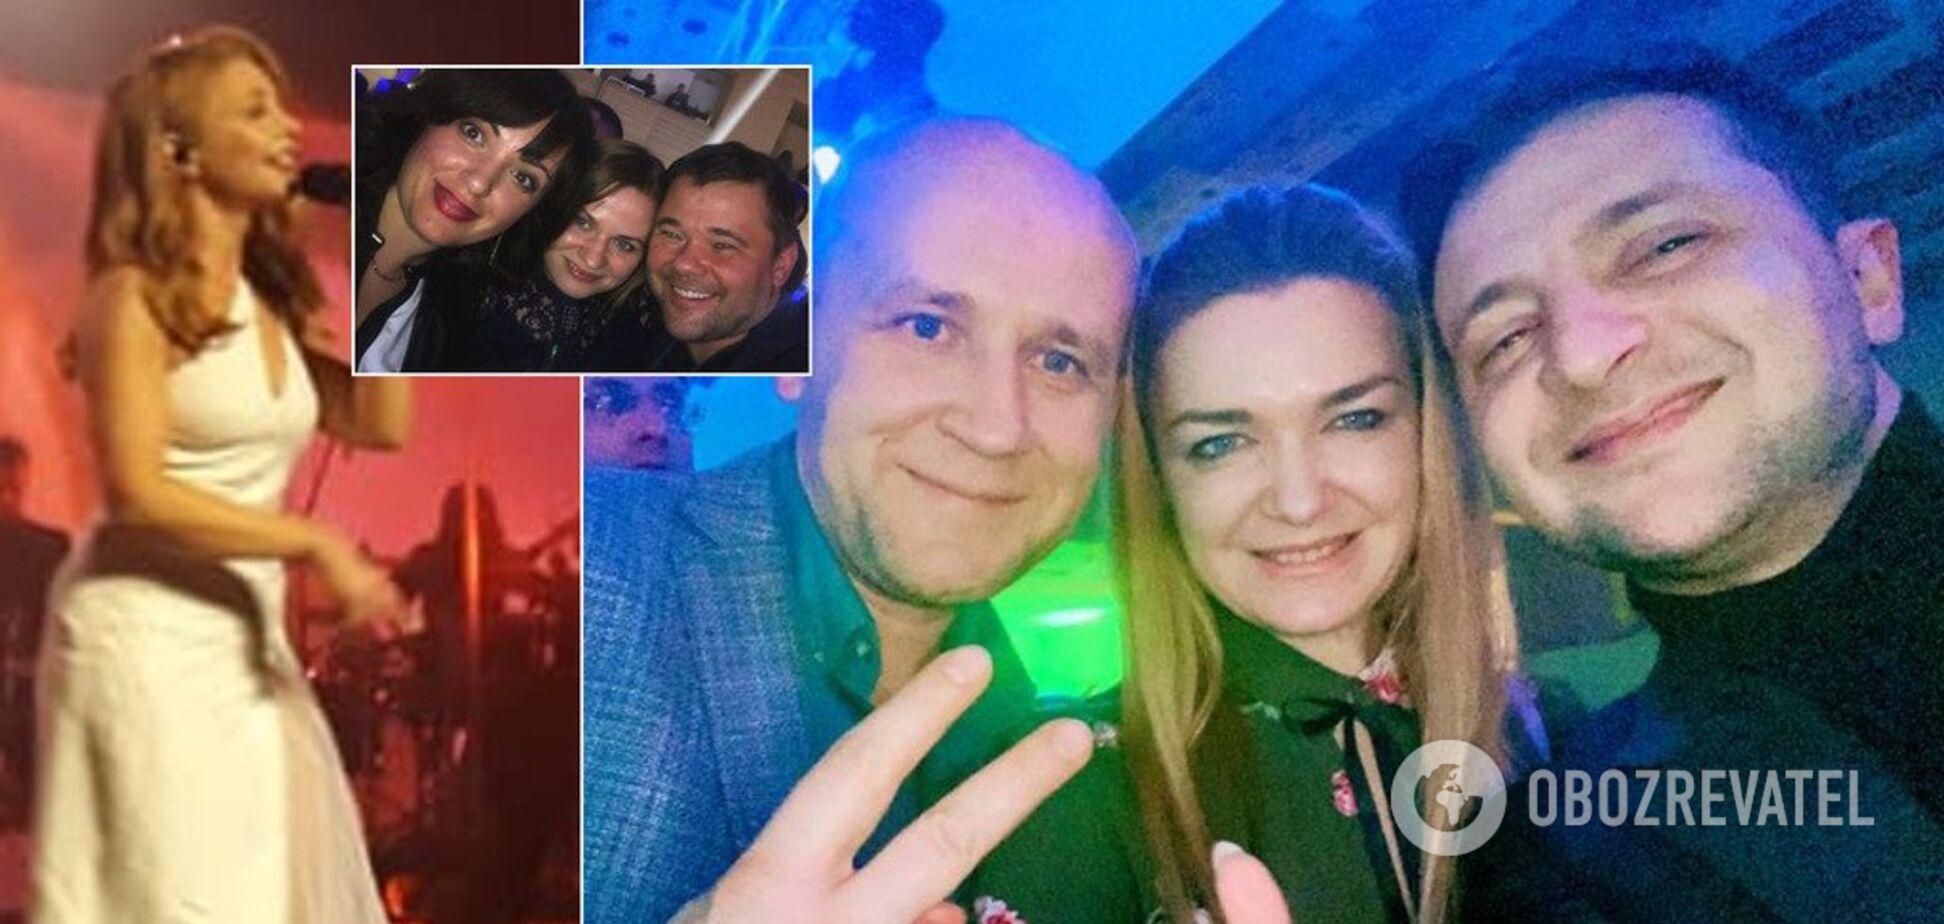 Зеленский, Кароль и виски за 35 000 грн? Как прошел корпоратив 'Слуги народа'. Фото и видео